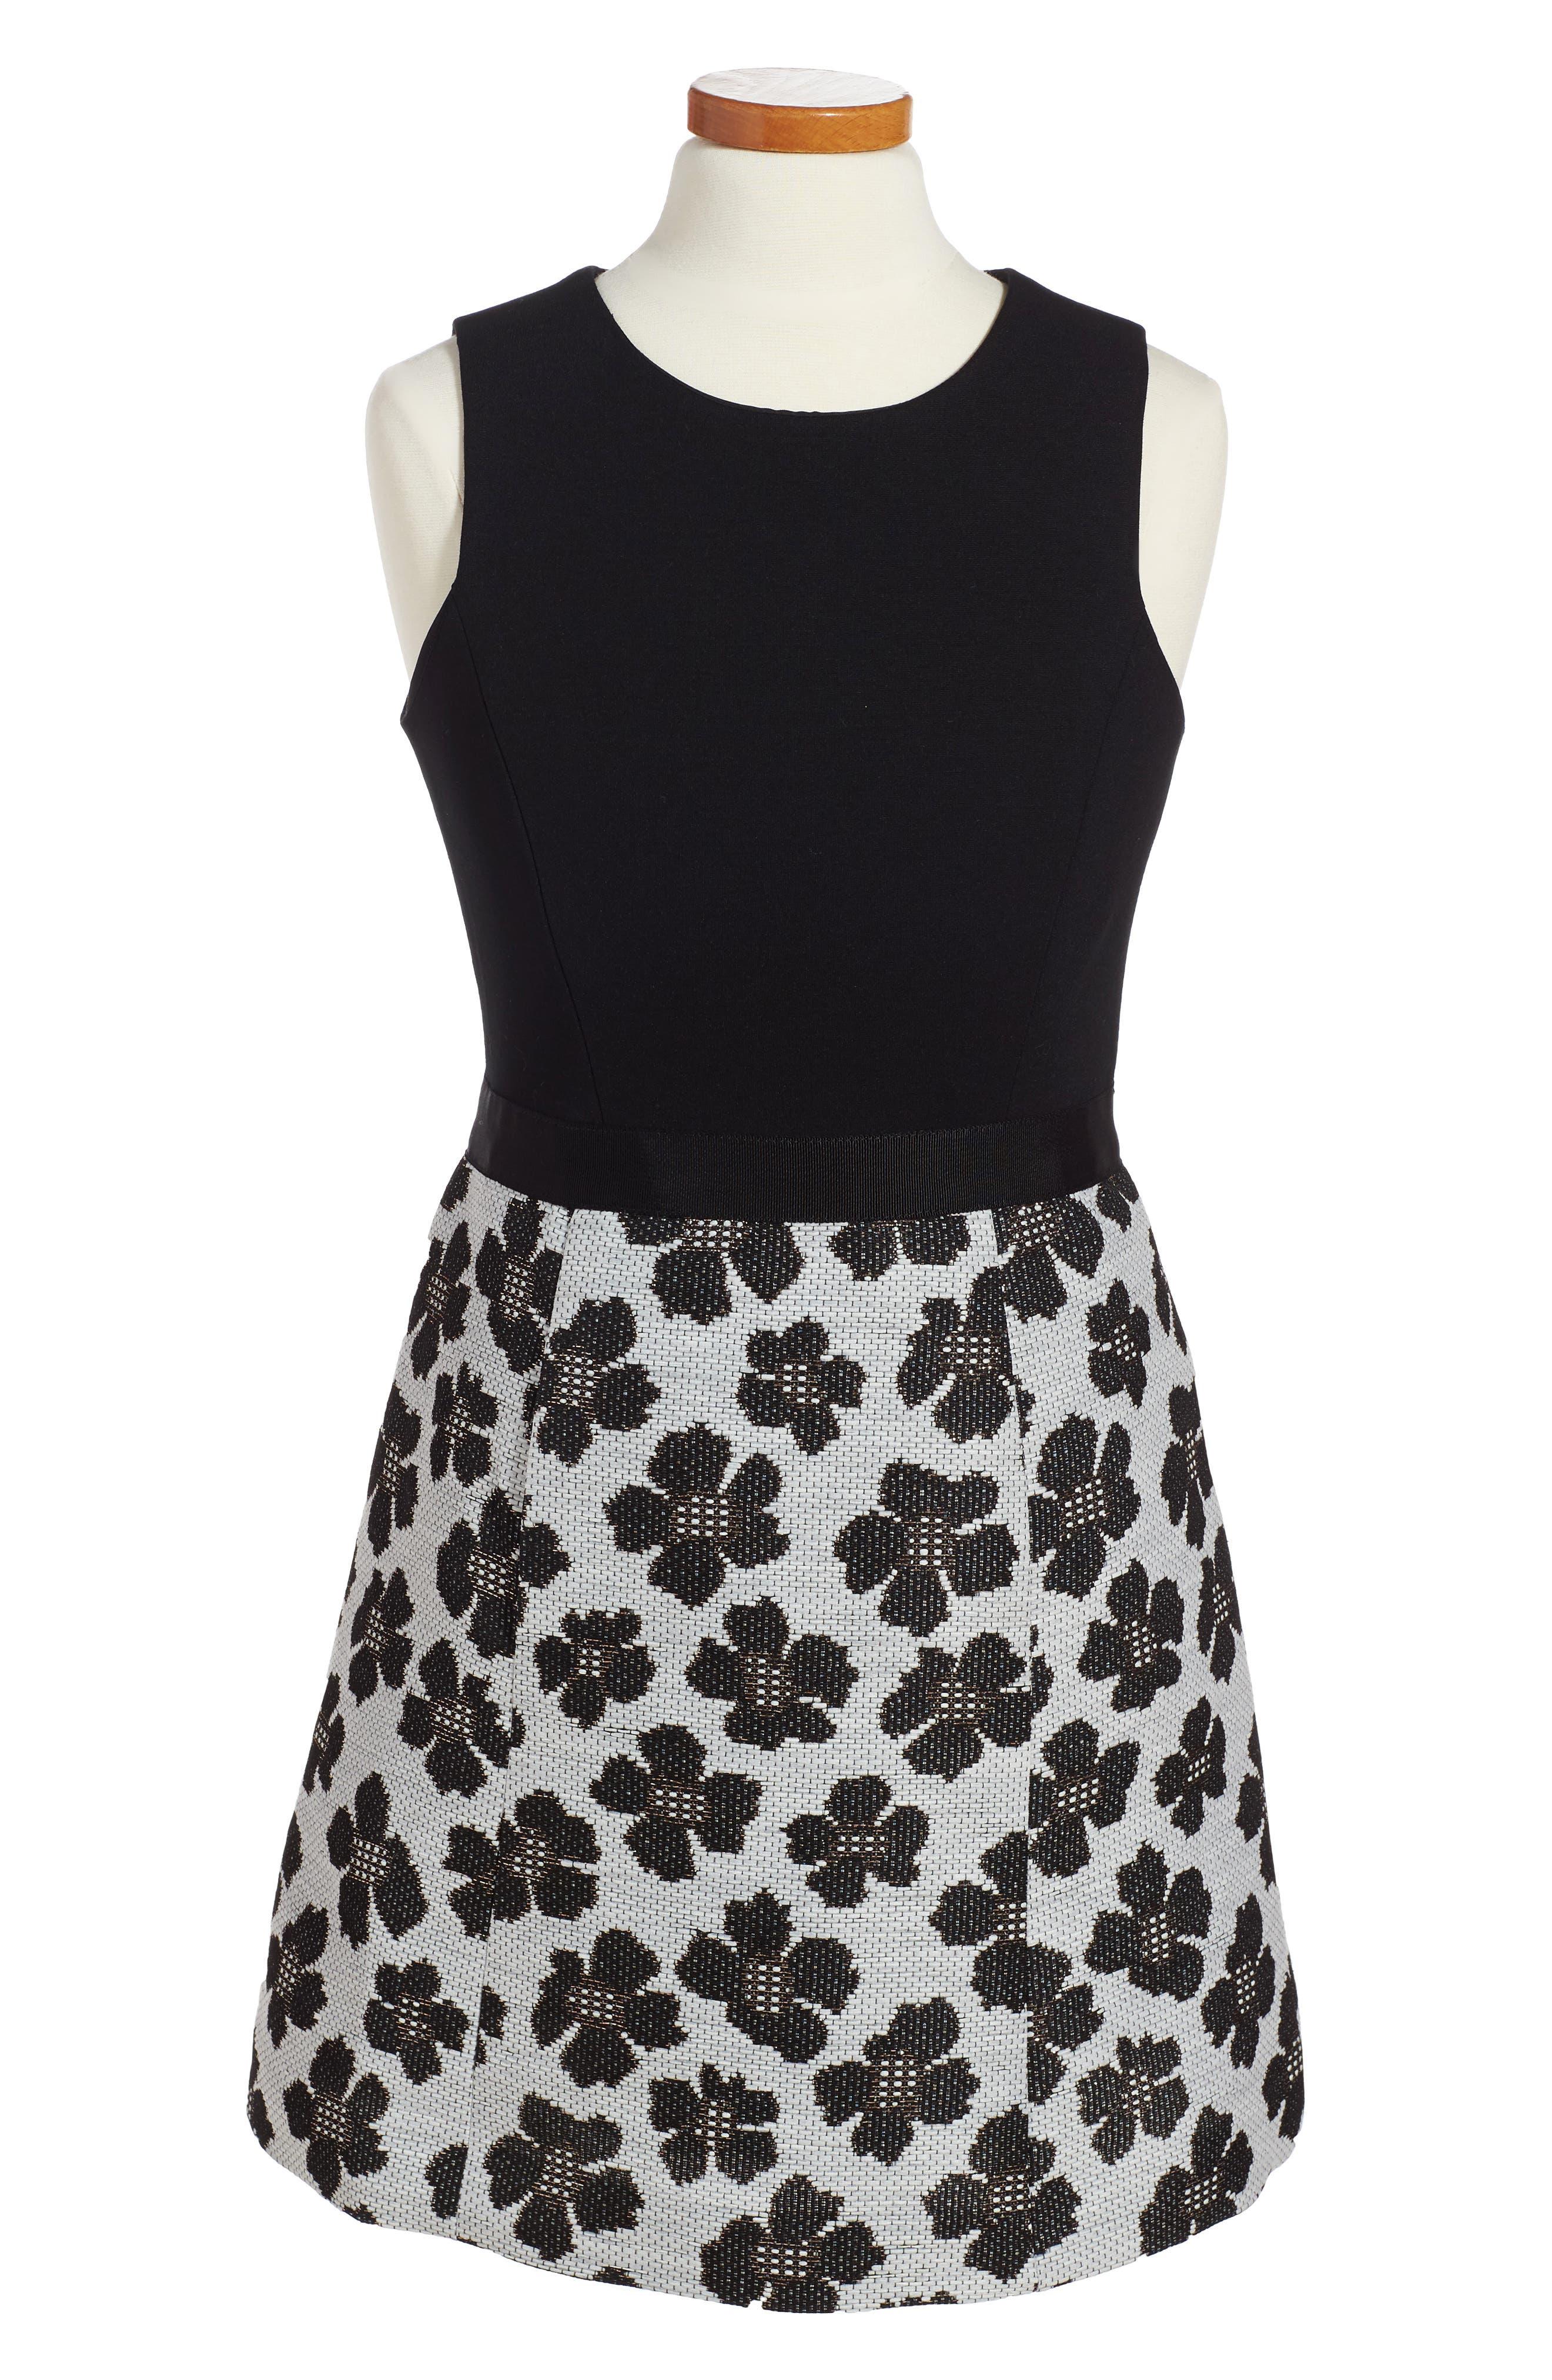 Main Image - Milly Minis Floral Jacquard Dress (Toddler Girls, Little Girls & Big Girls)